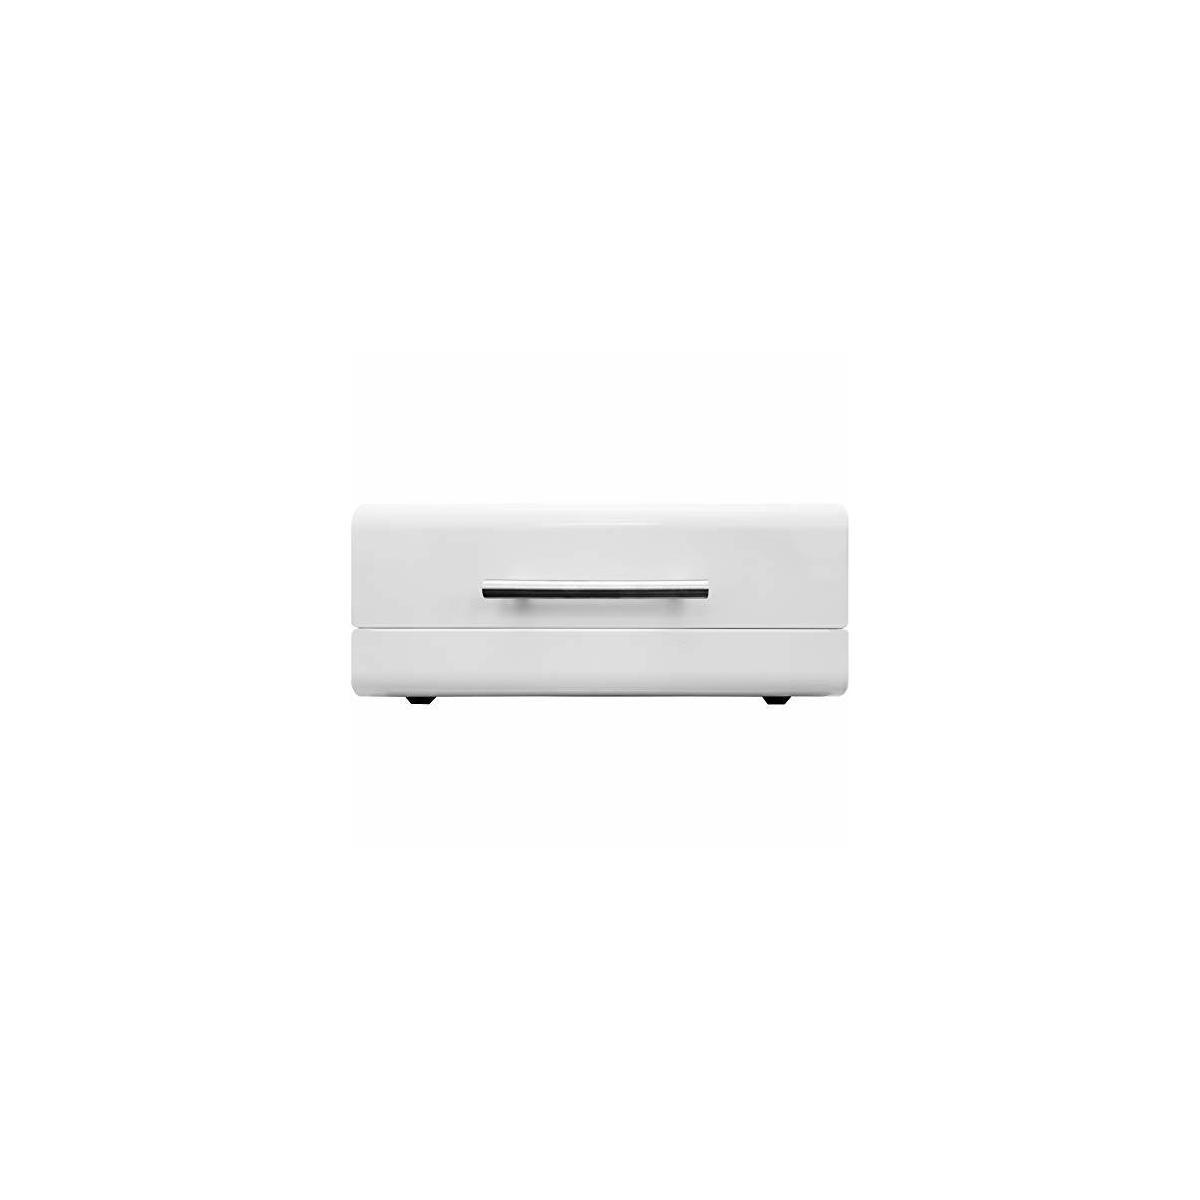 White Sleek Modern Bread Box For Kitchen Counter - Steel Bread Storage Bin By Cooler Kitchen